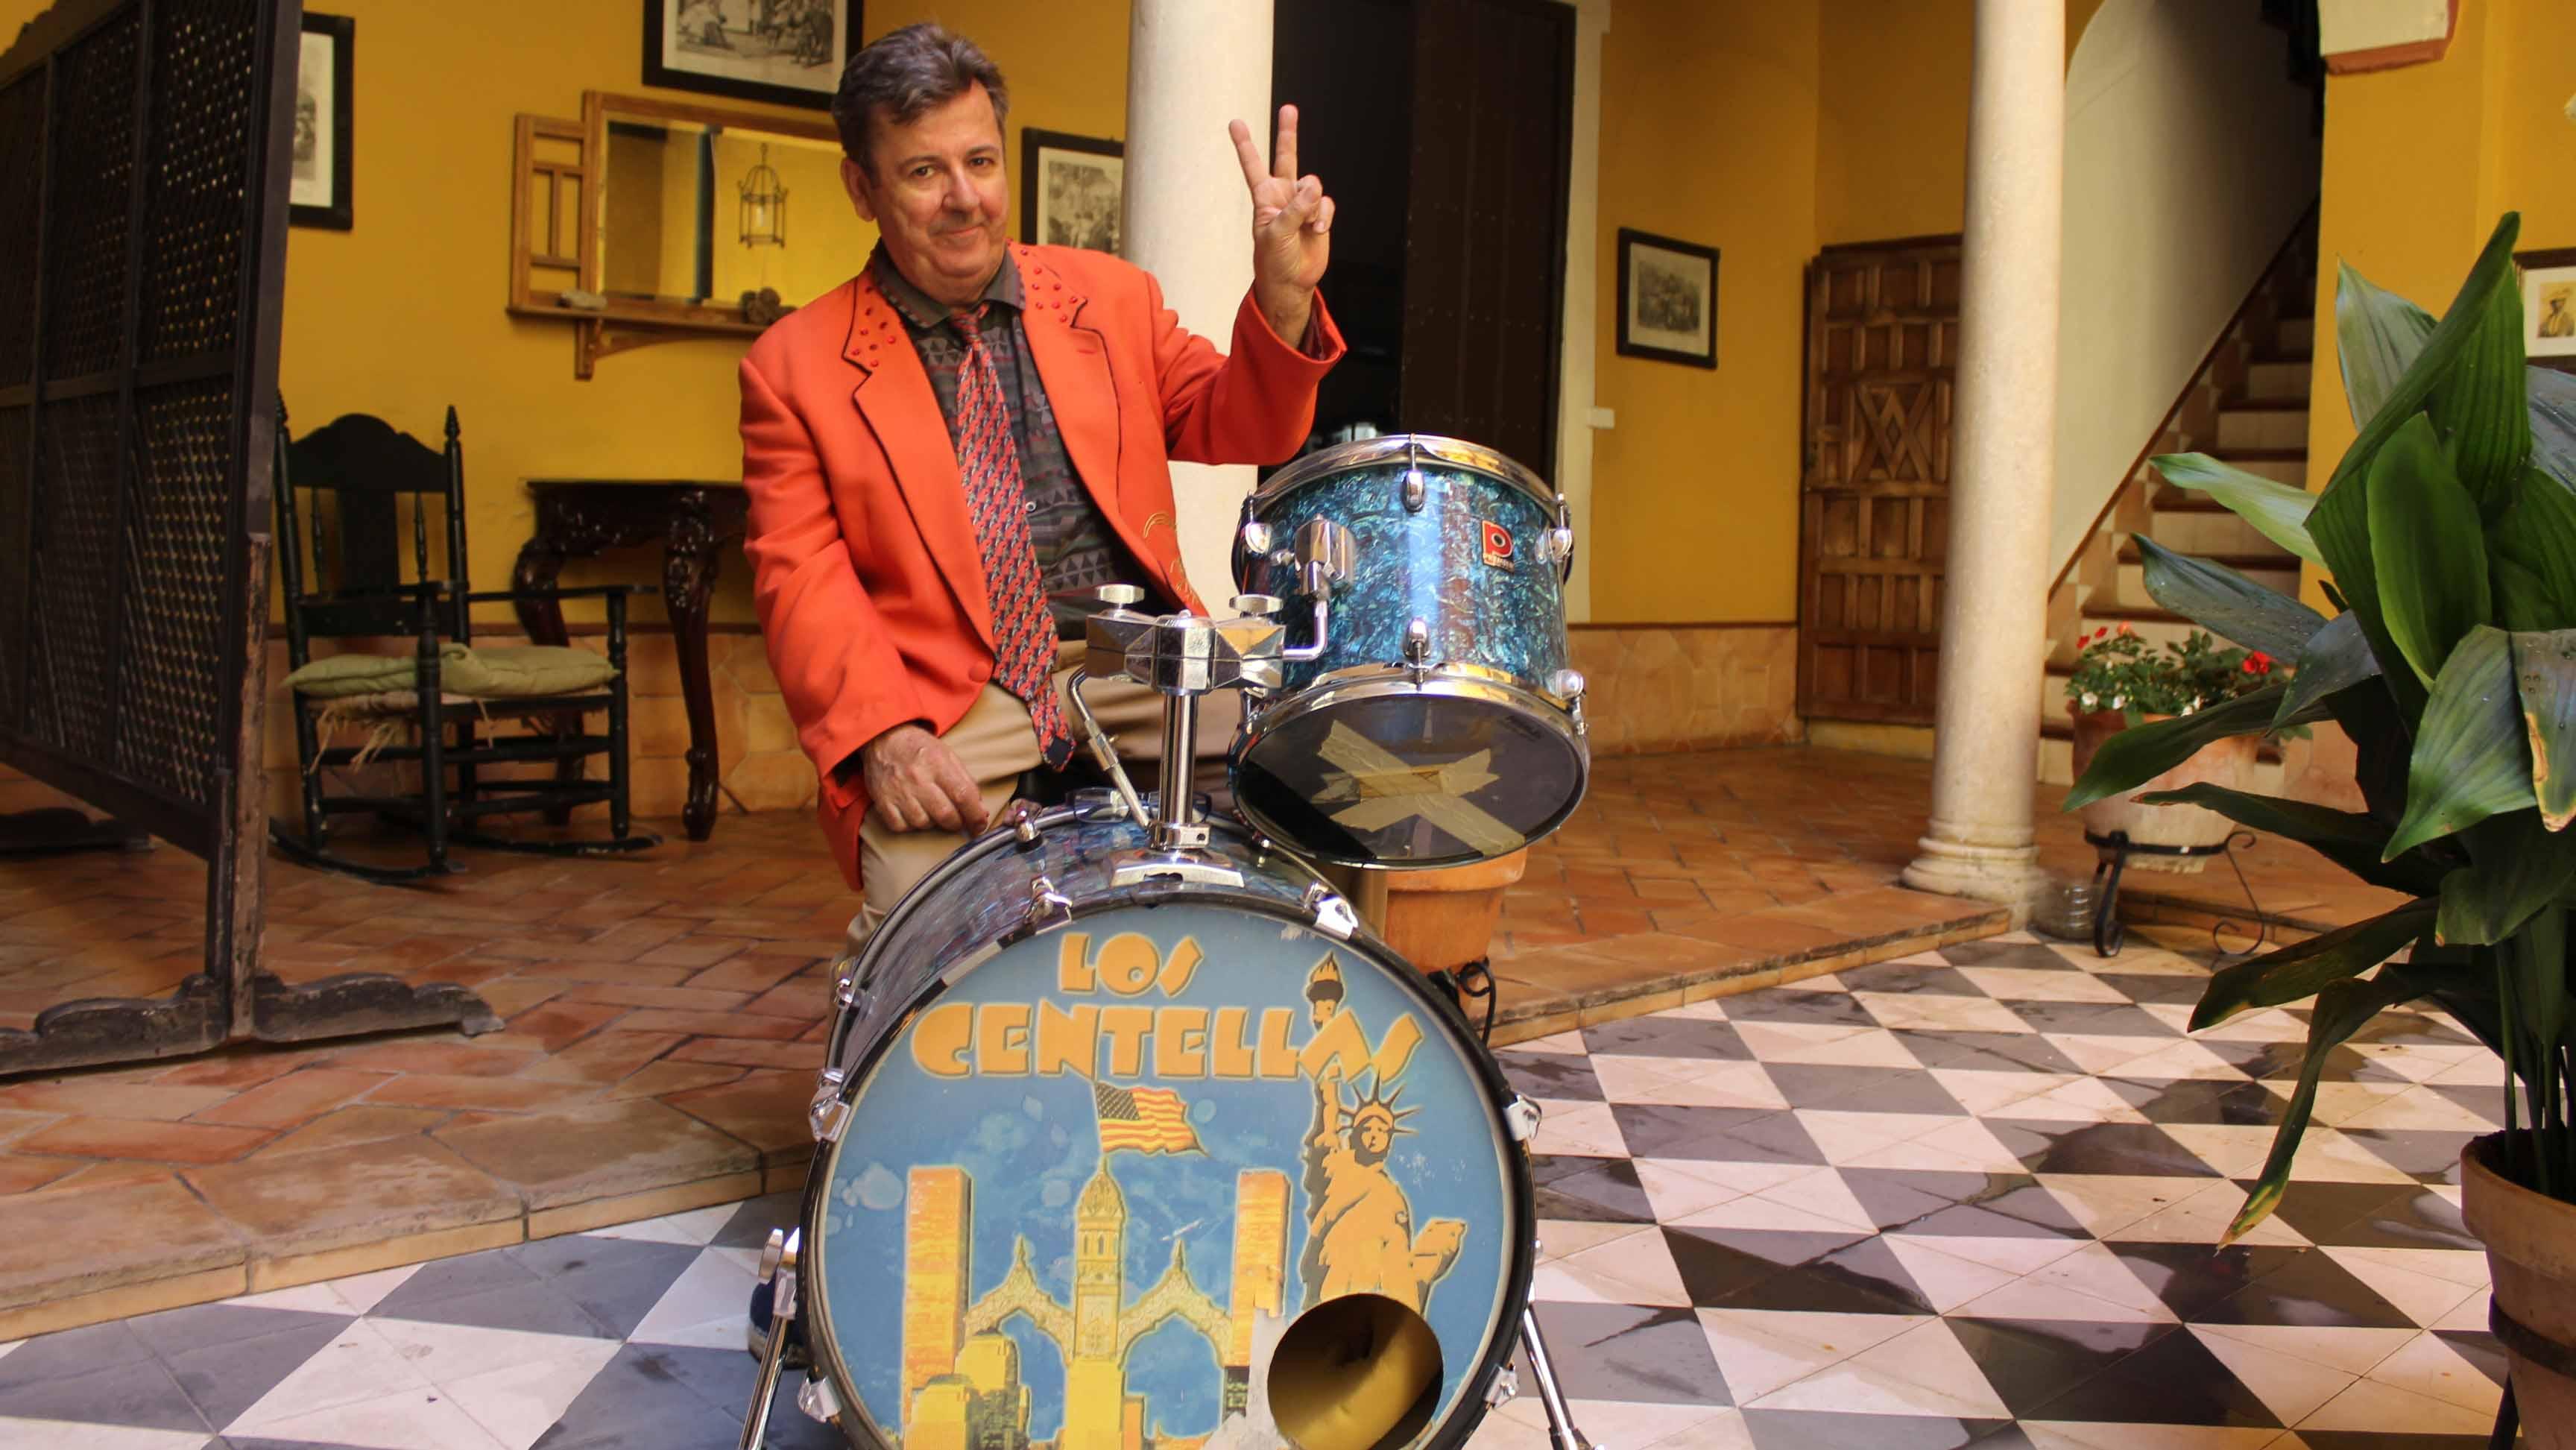 Tony López, el cantante del grupo utrerano Los Centellas